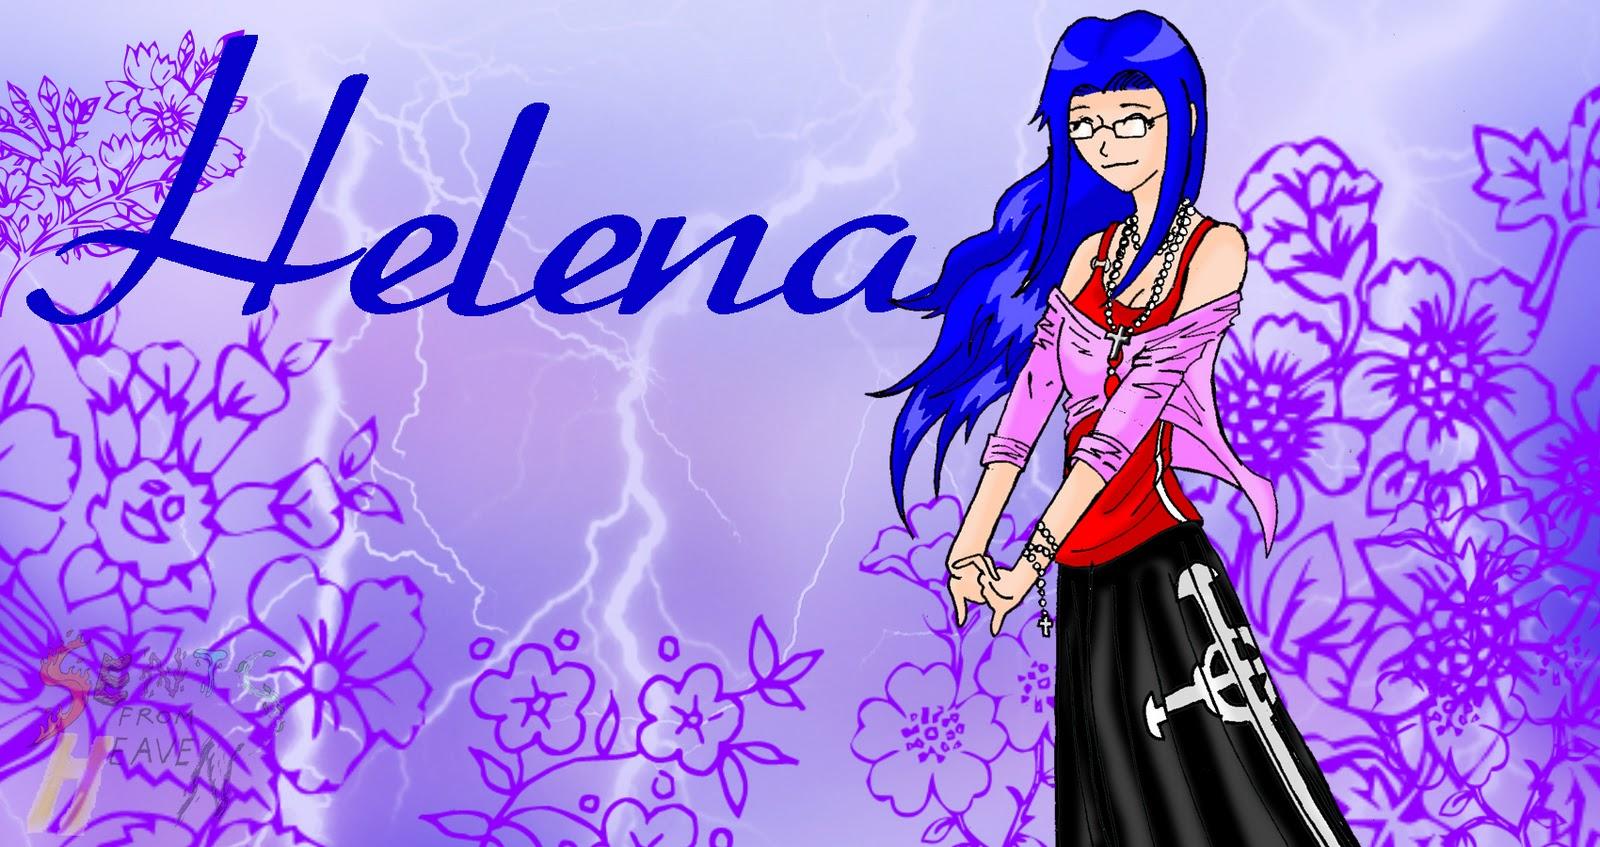 http://1.bp.blogspot.com/_7DPLSP9Xzu8/TUm1tLnIX1I/AAAAAAAAAF4/gTDGJlU48pQ/s1600/Helena_Wallpaper.jpg